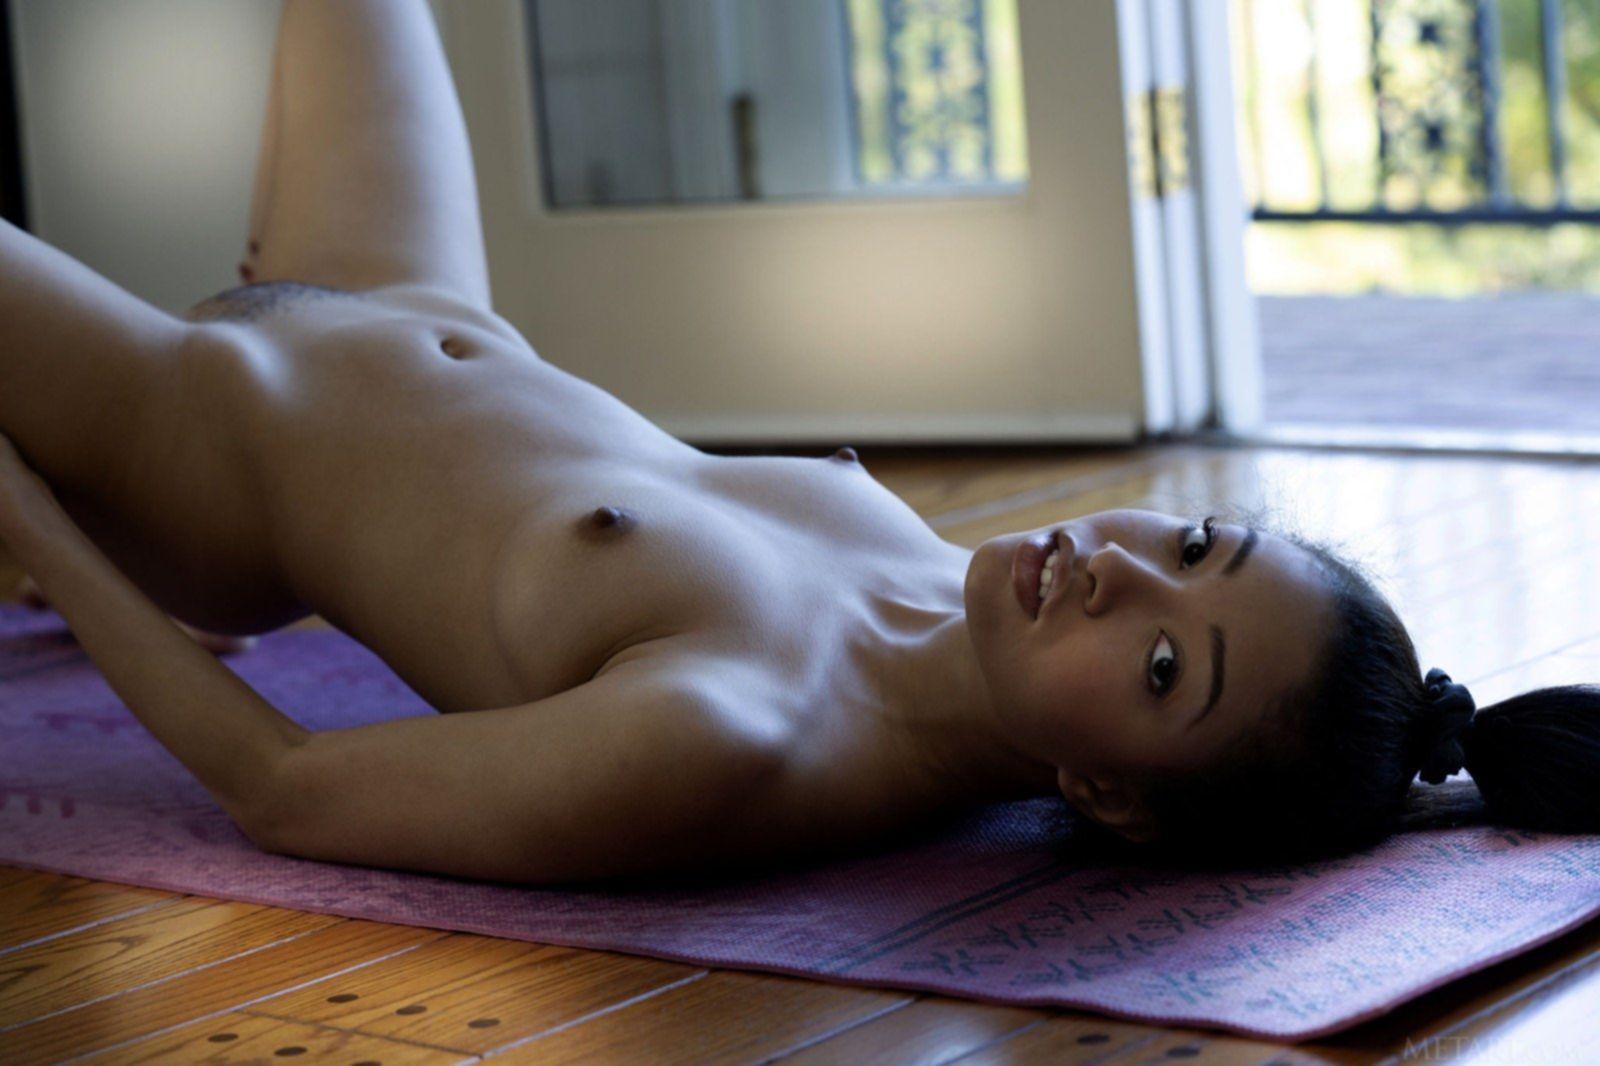 Гибкая худая мулатка позирует голенькой на полу - фото